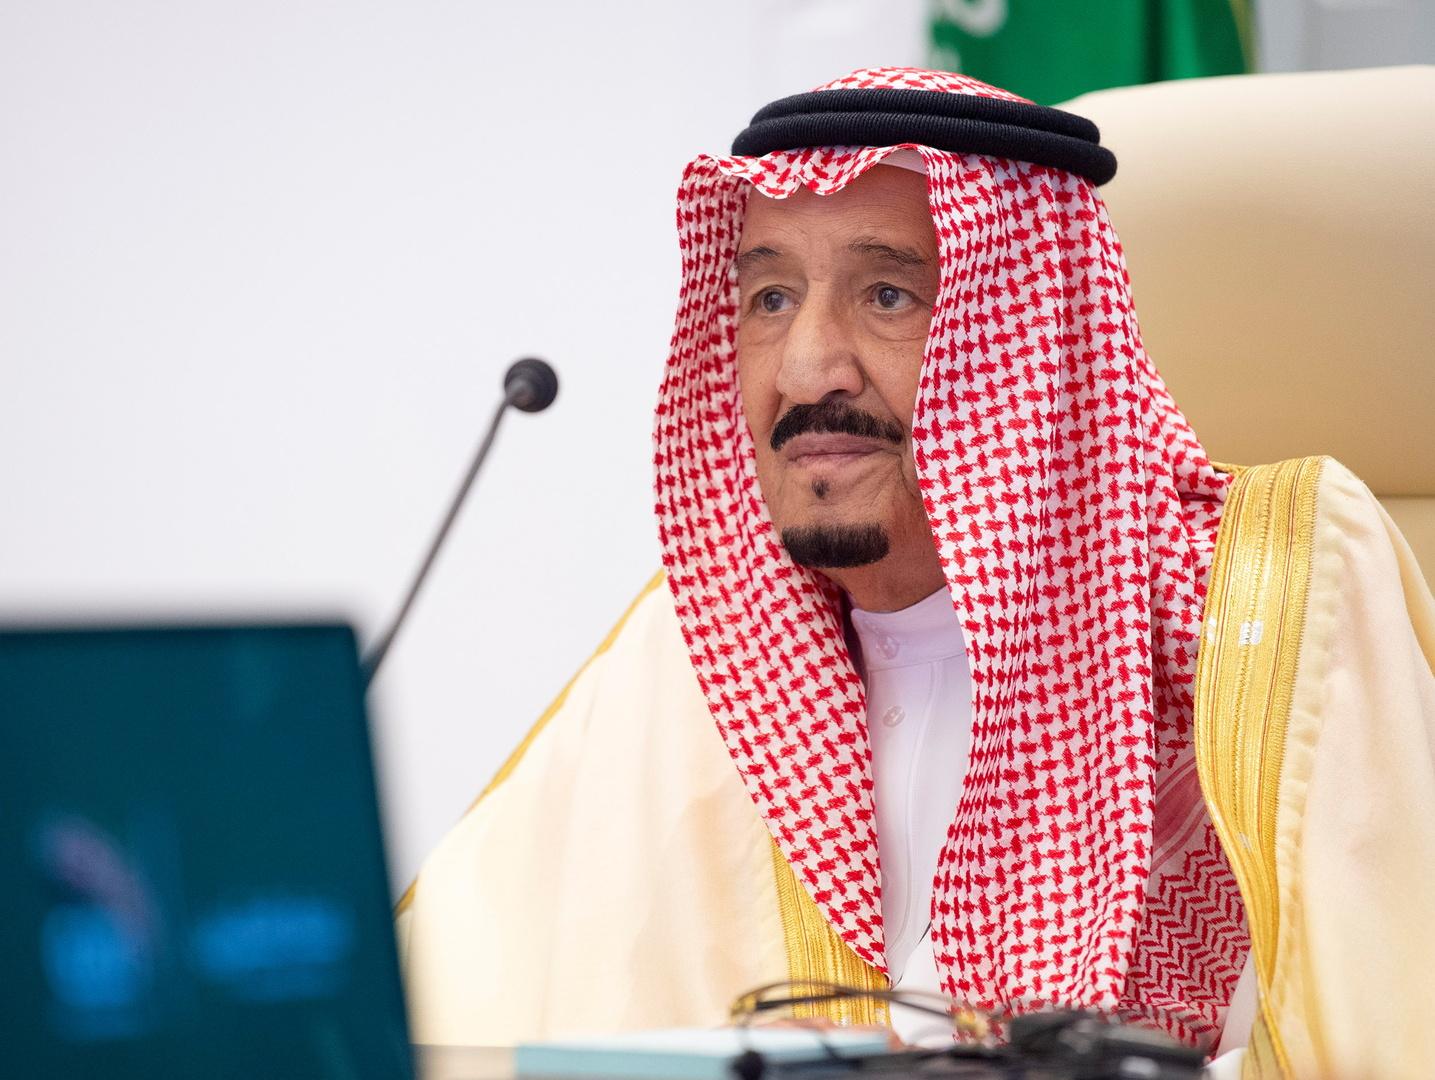 السعودية.. الملك سلمان يوافق على دعم المنشآت العاملة في قطاع الحج والعمرة من تداعيات كورونا